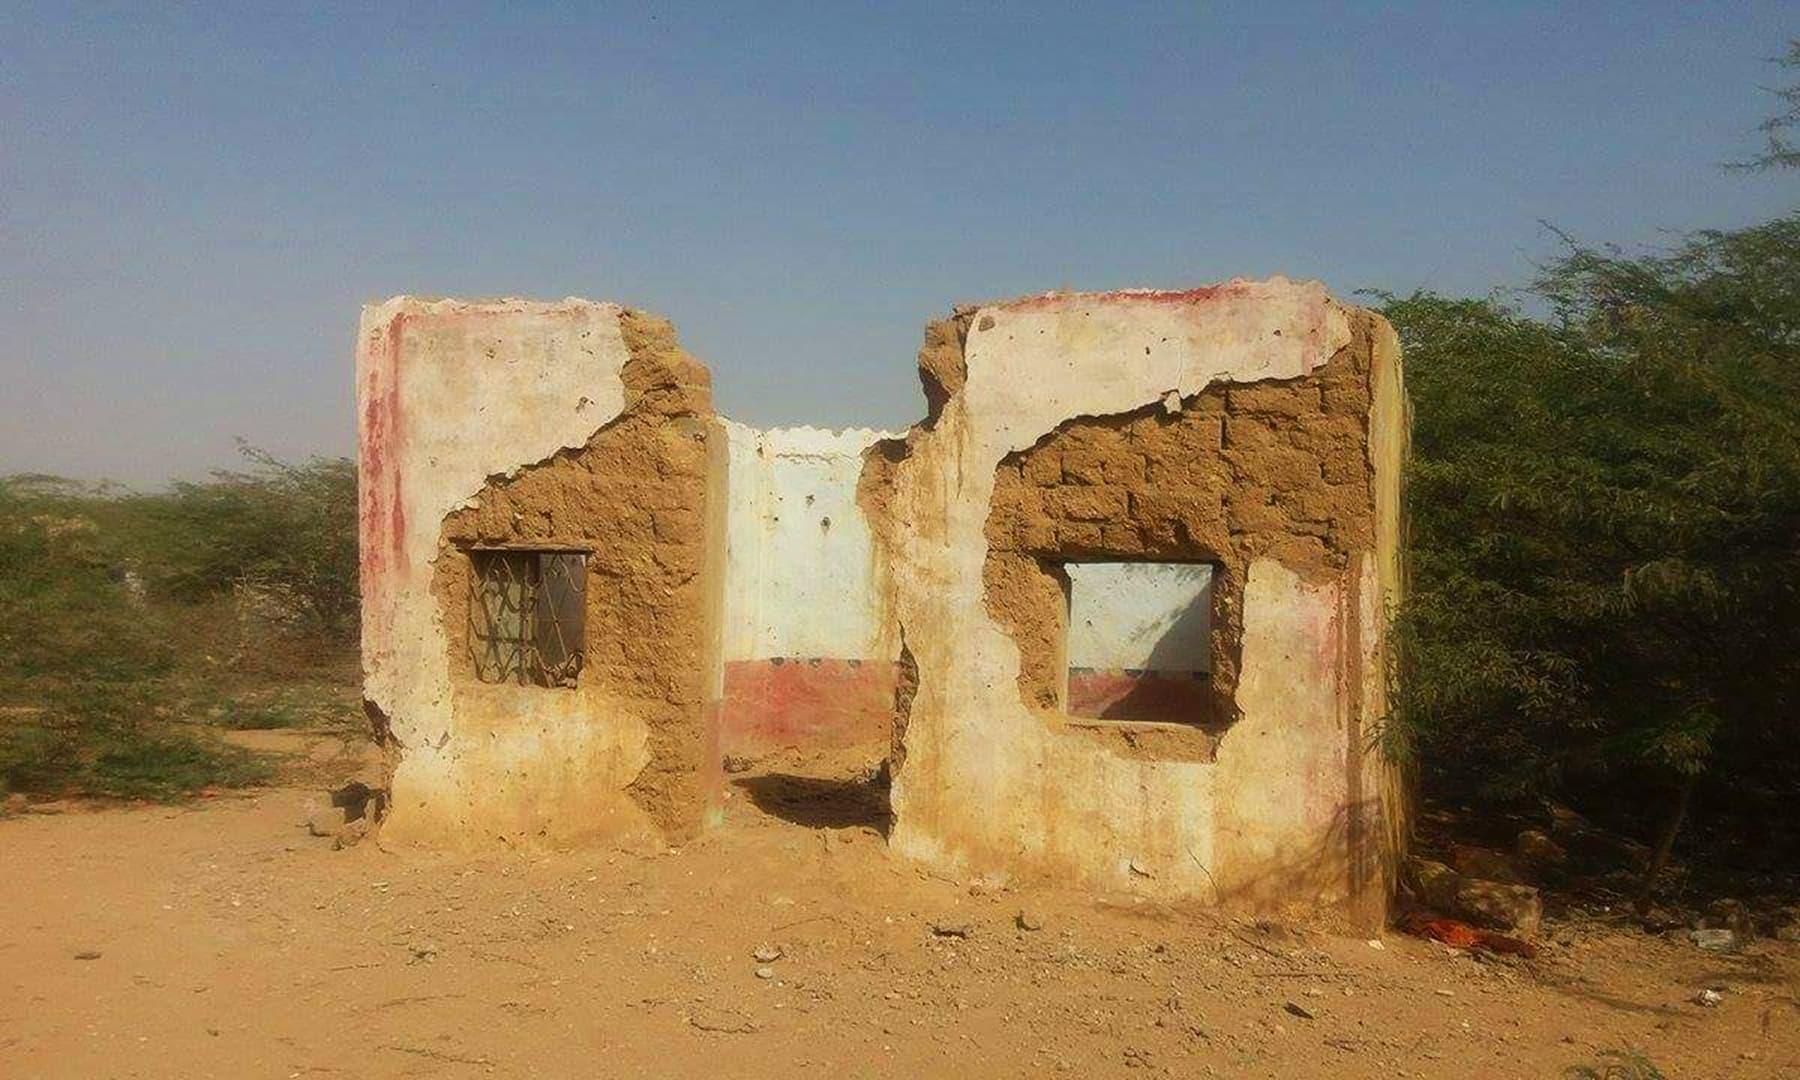 گاؤں میں چہار سوں غربت نظر آئی—تصویر شبینہ فراز